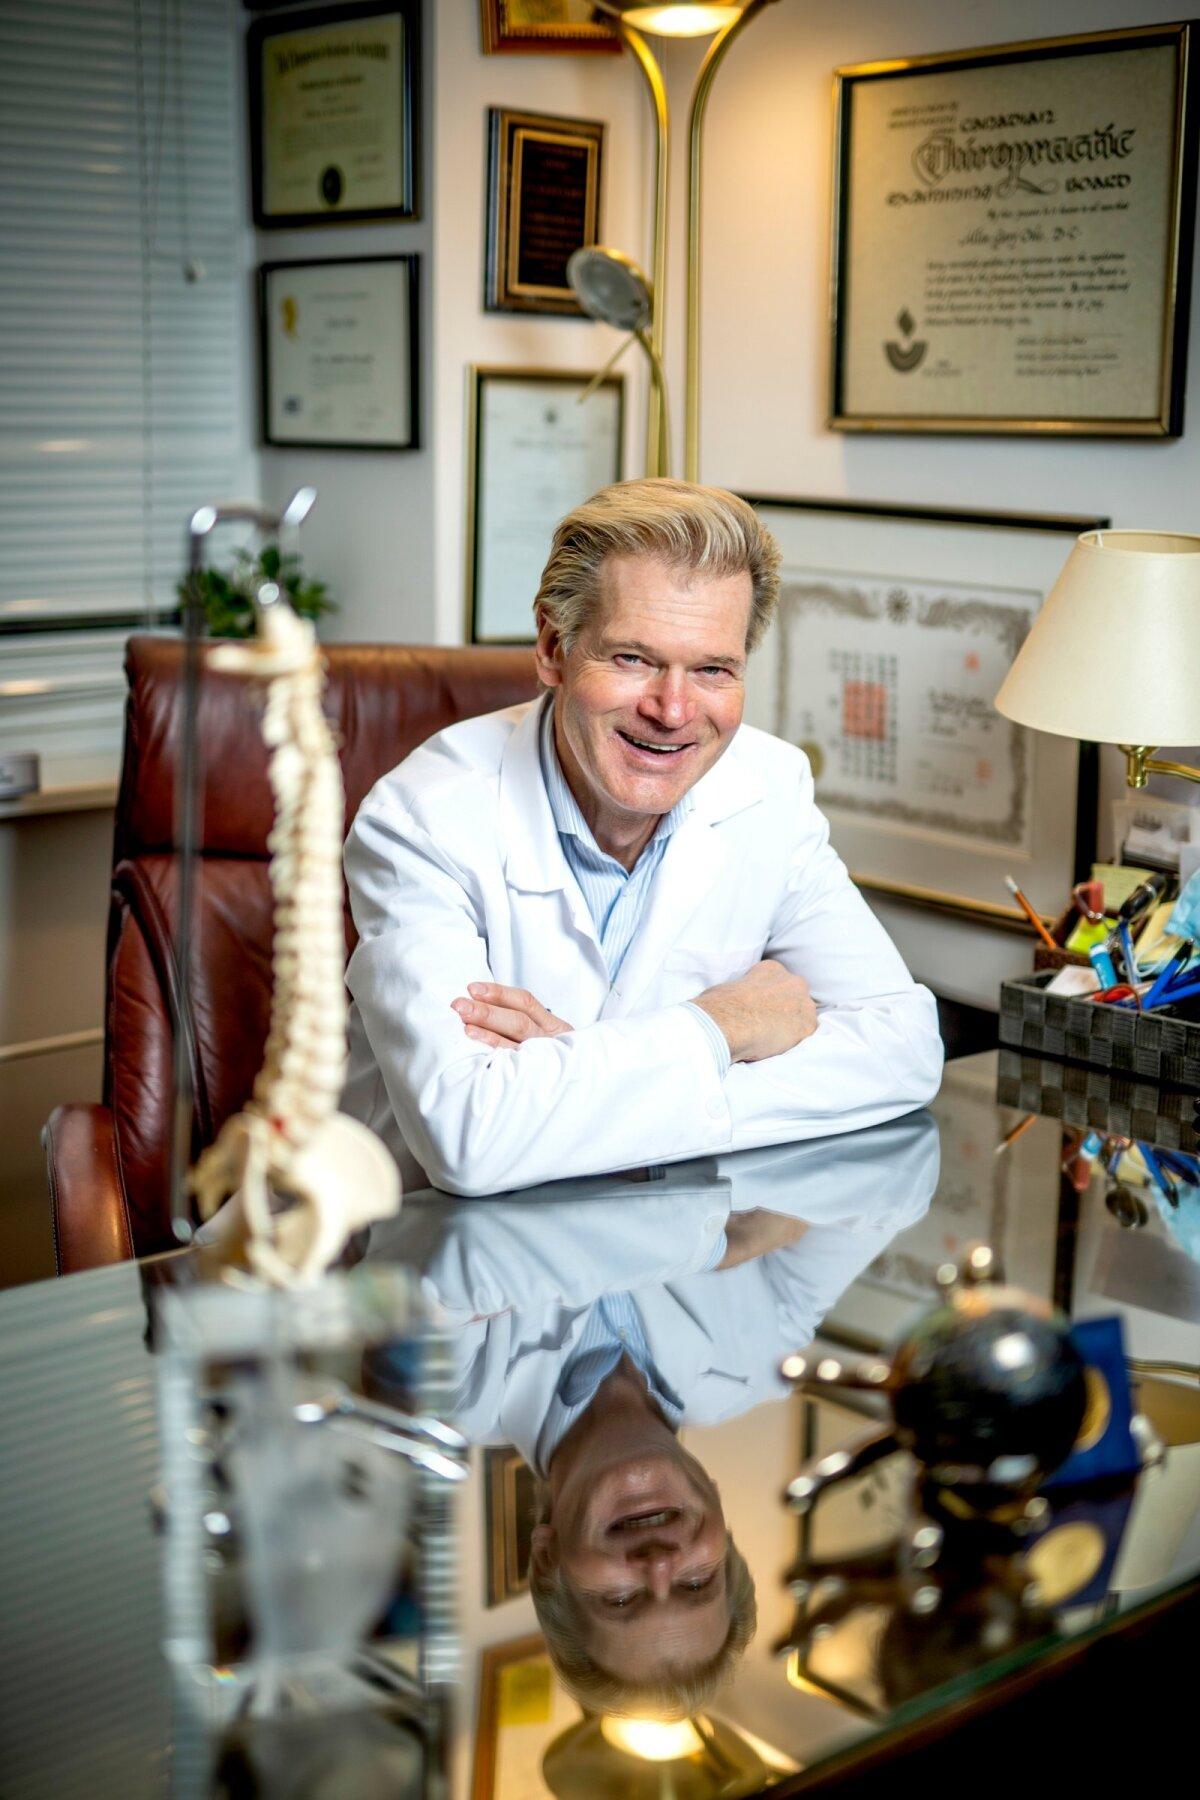 valus ola liigese ei saa teie katt tosta artroosi olaartriidi ravi